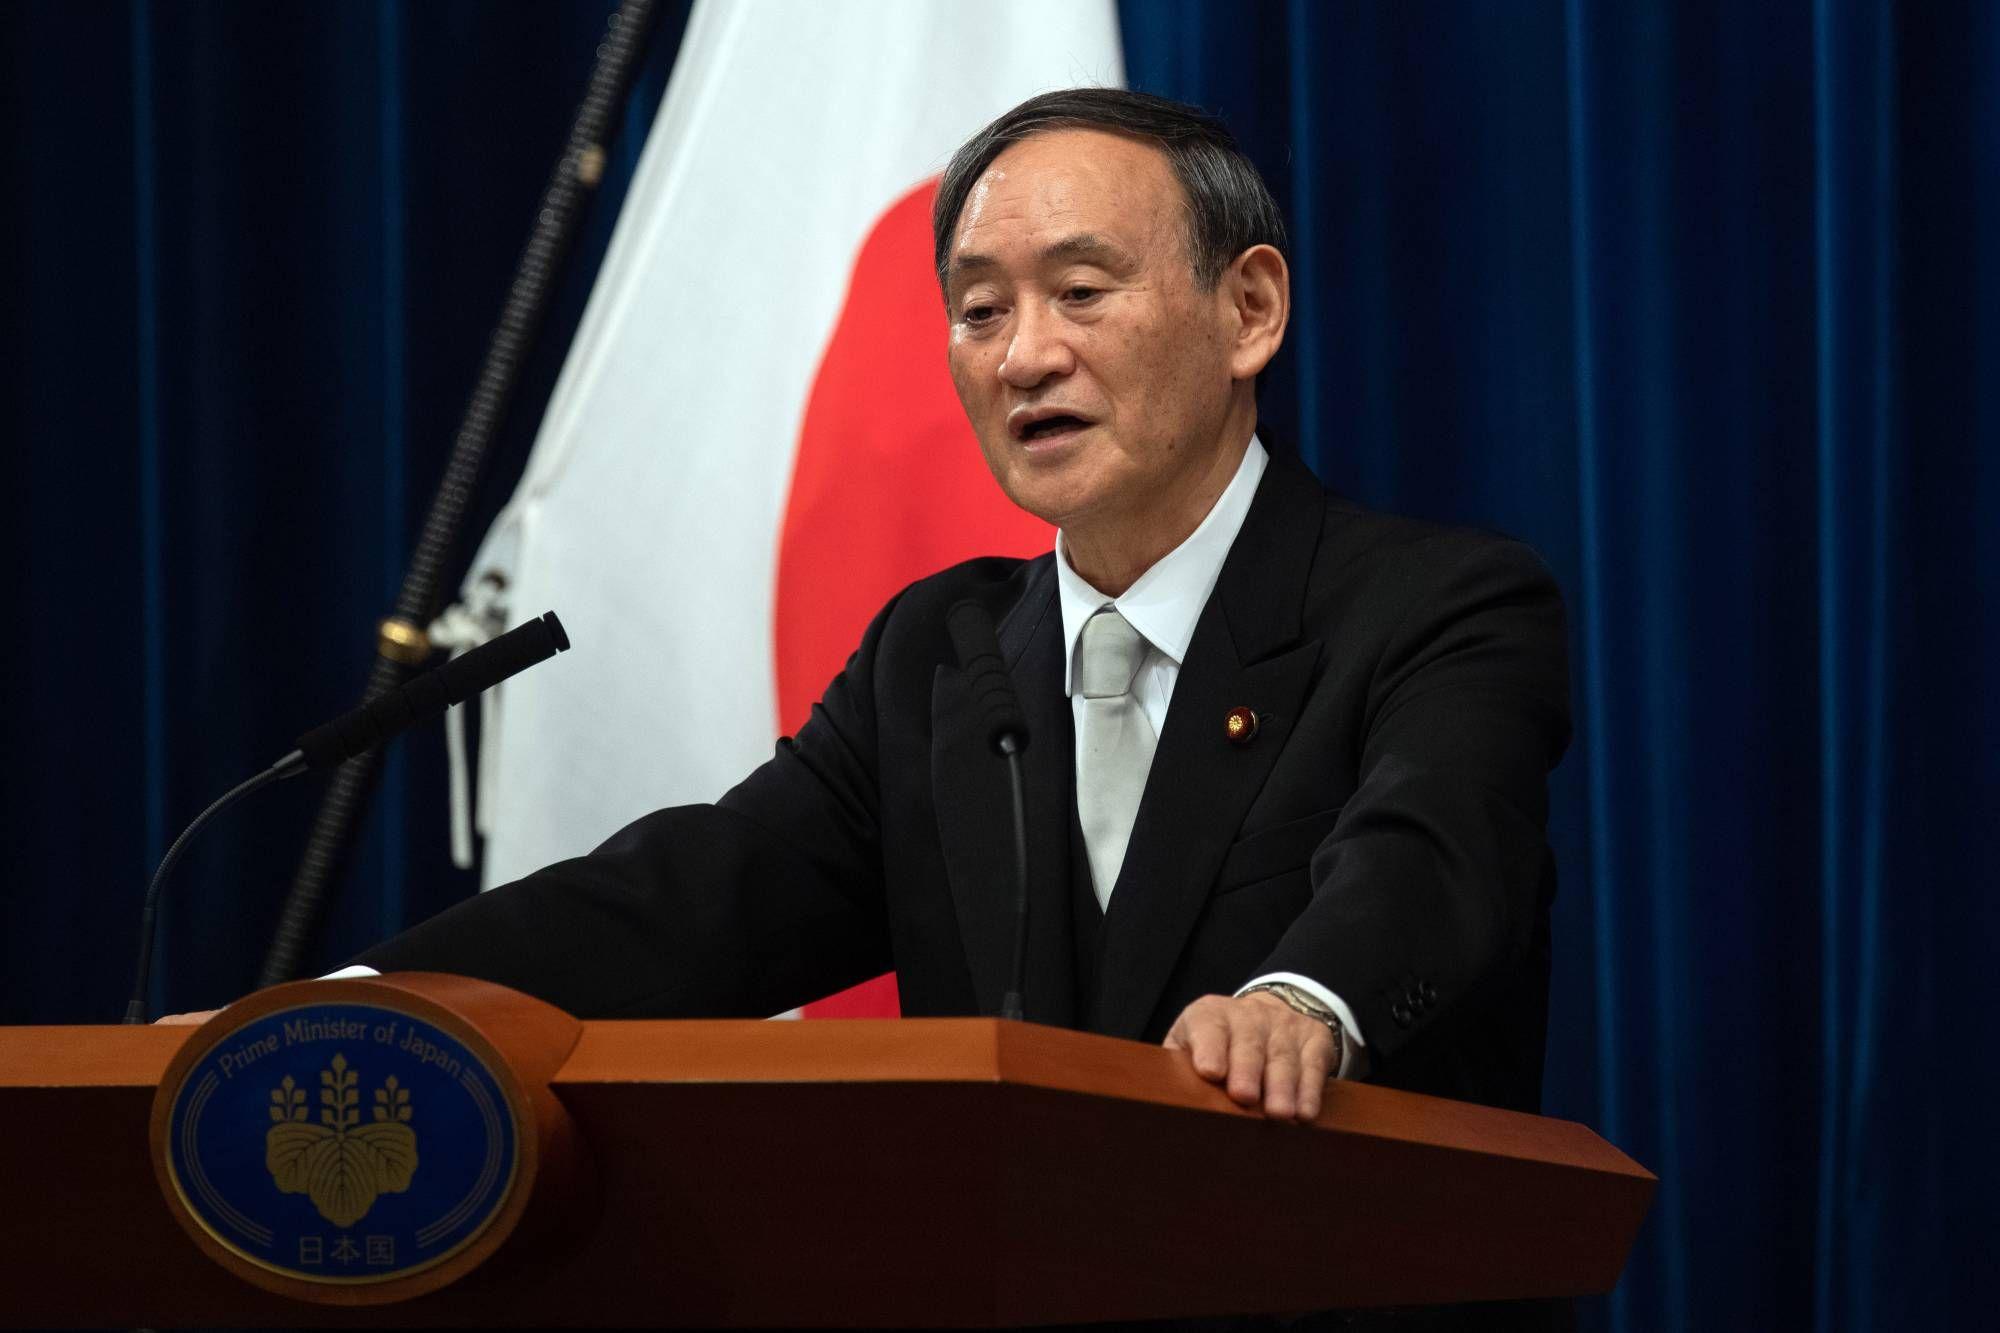 日本、ベトナムへの軍事輸出を可能にする合意に署名する方針との報道